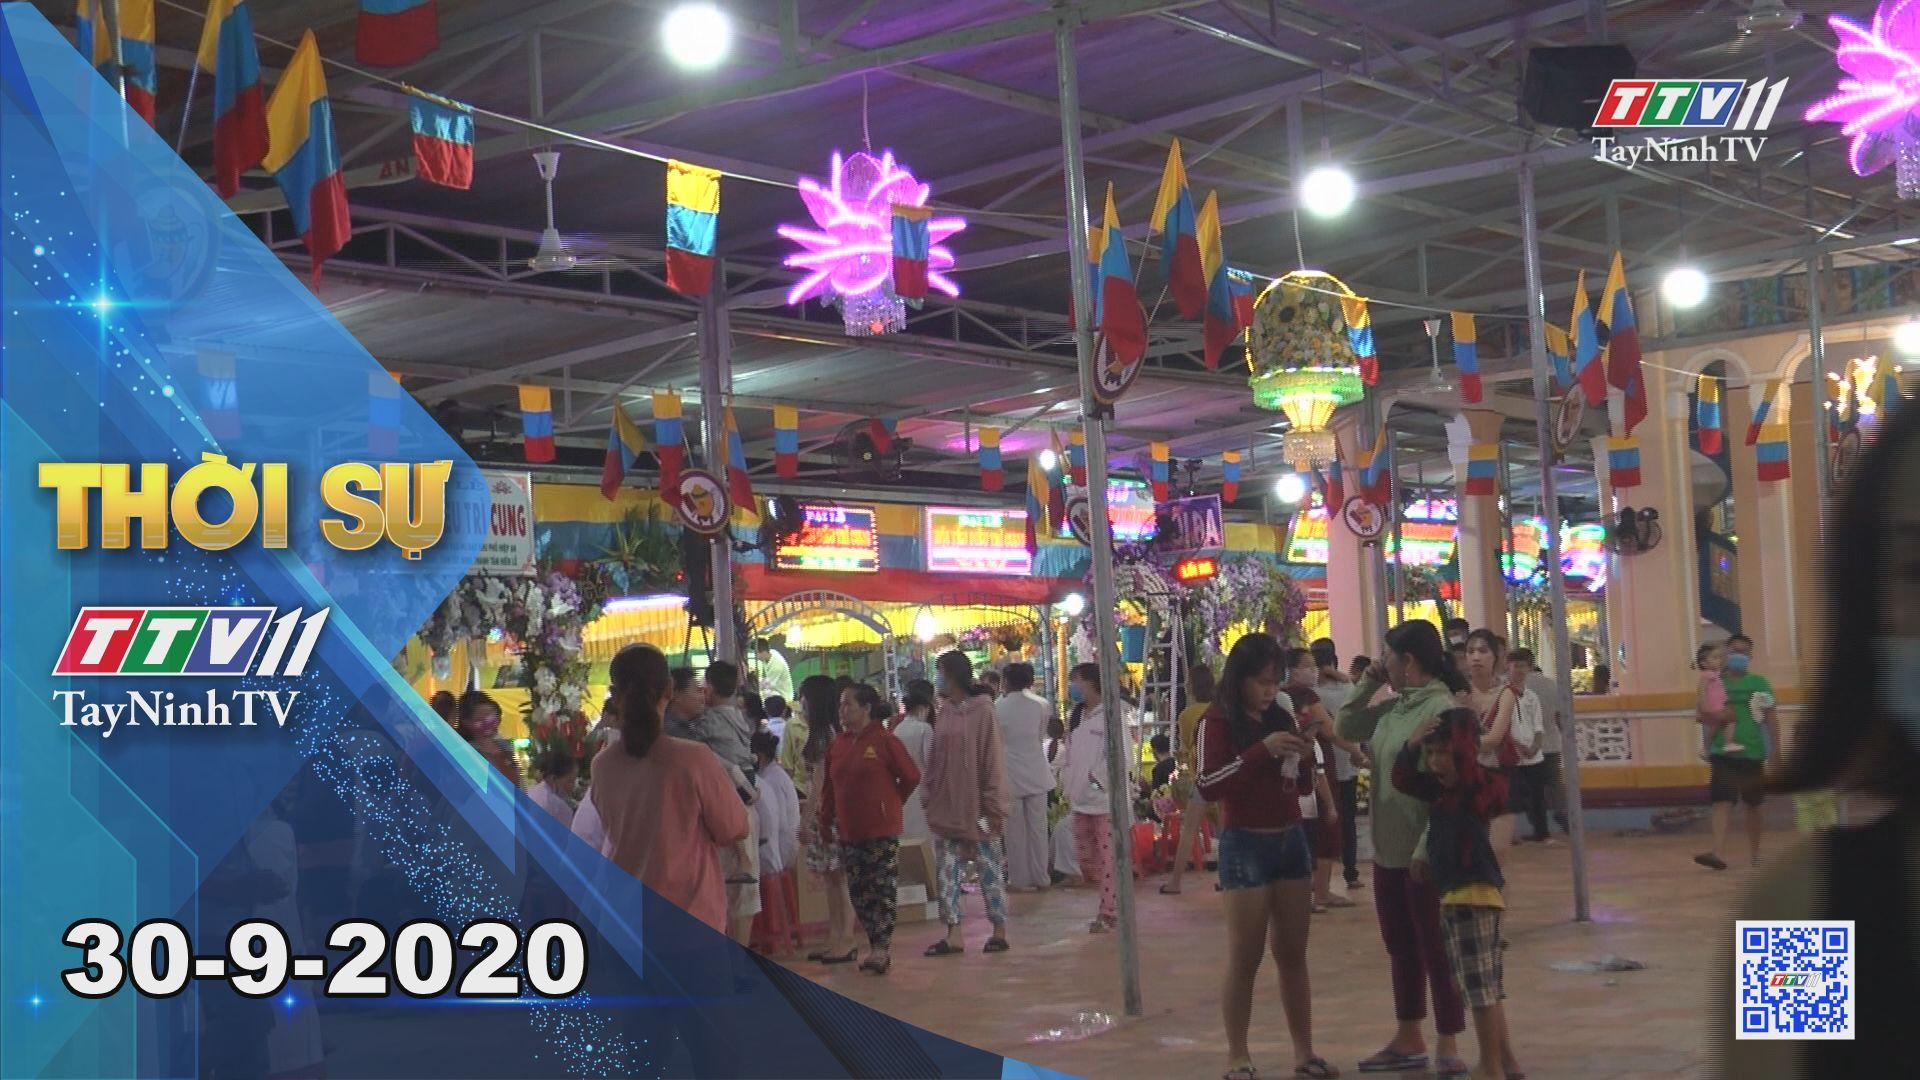 Thời sự Tây Ninh 30-9-2020 | Tin tức hôm nay | TayNinhTV